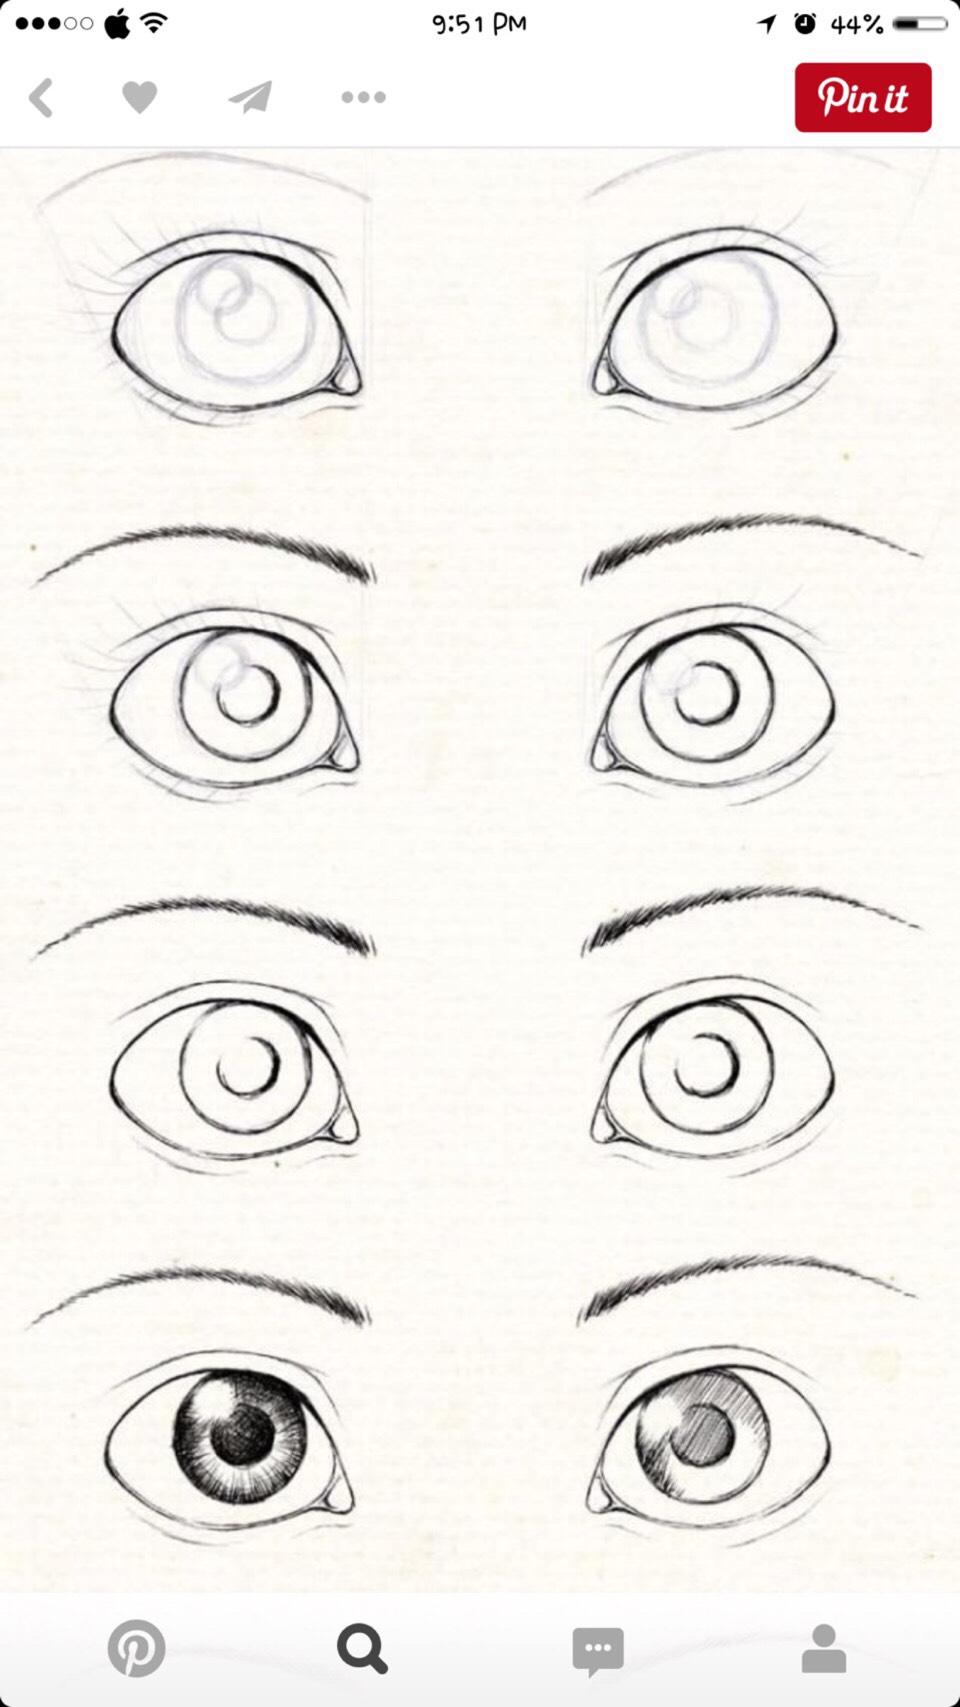 Как нарисовать глаз человека карандашом поэтапно